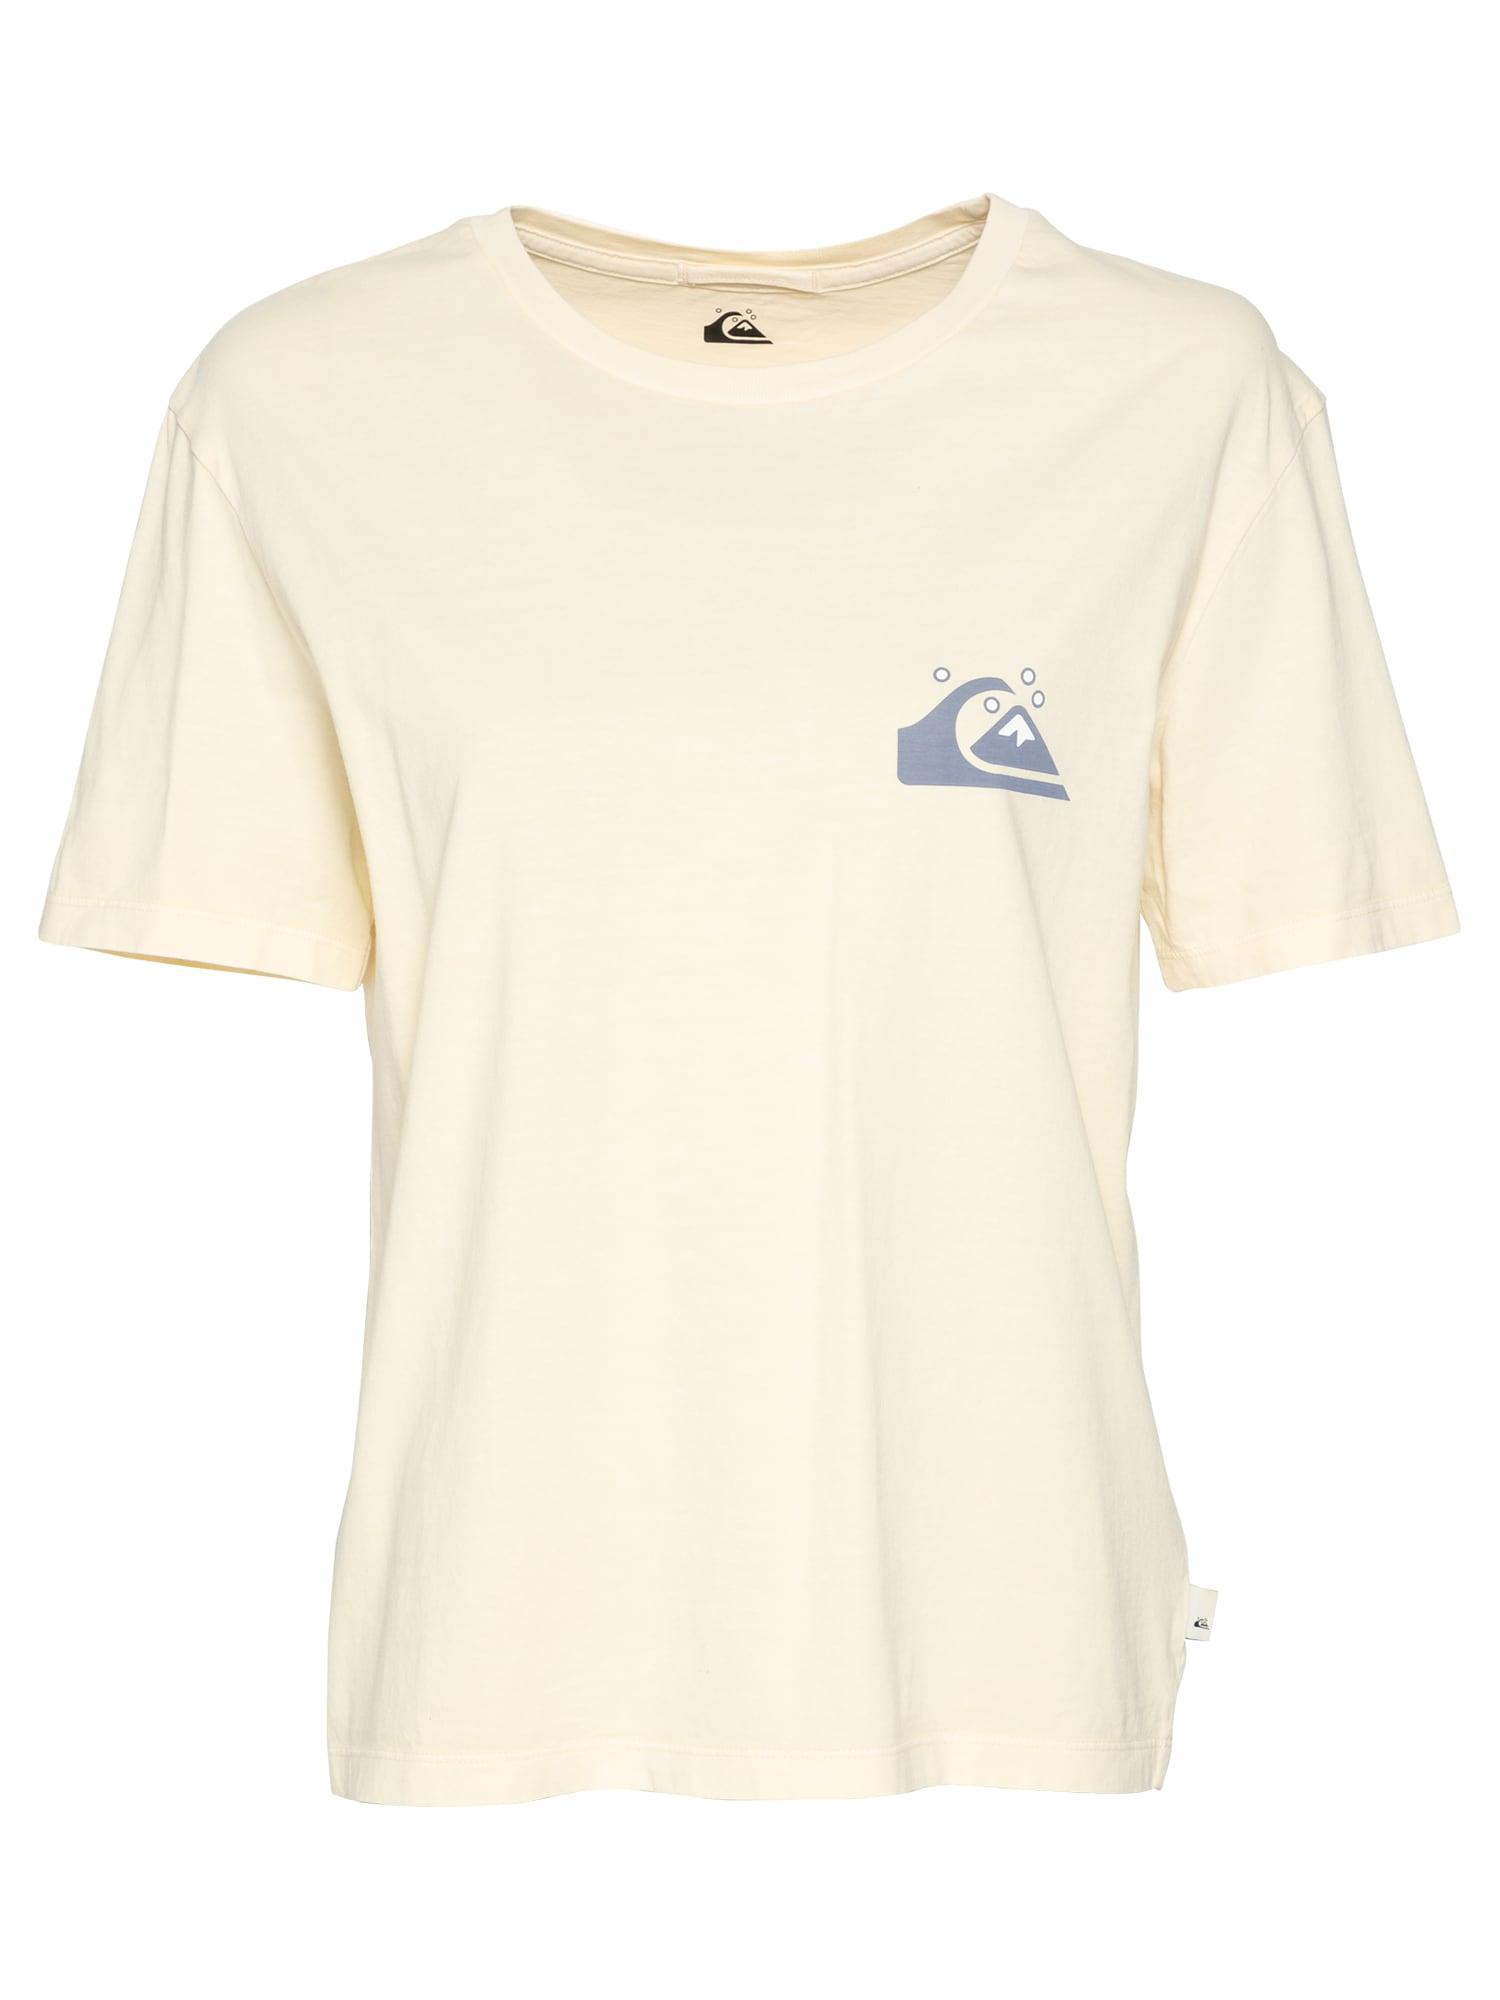 QUIKSILVER Marškinėliai pastelinė geltona / mėlyna dūmų spalva